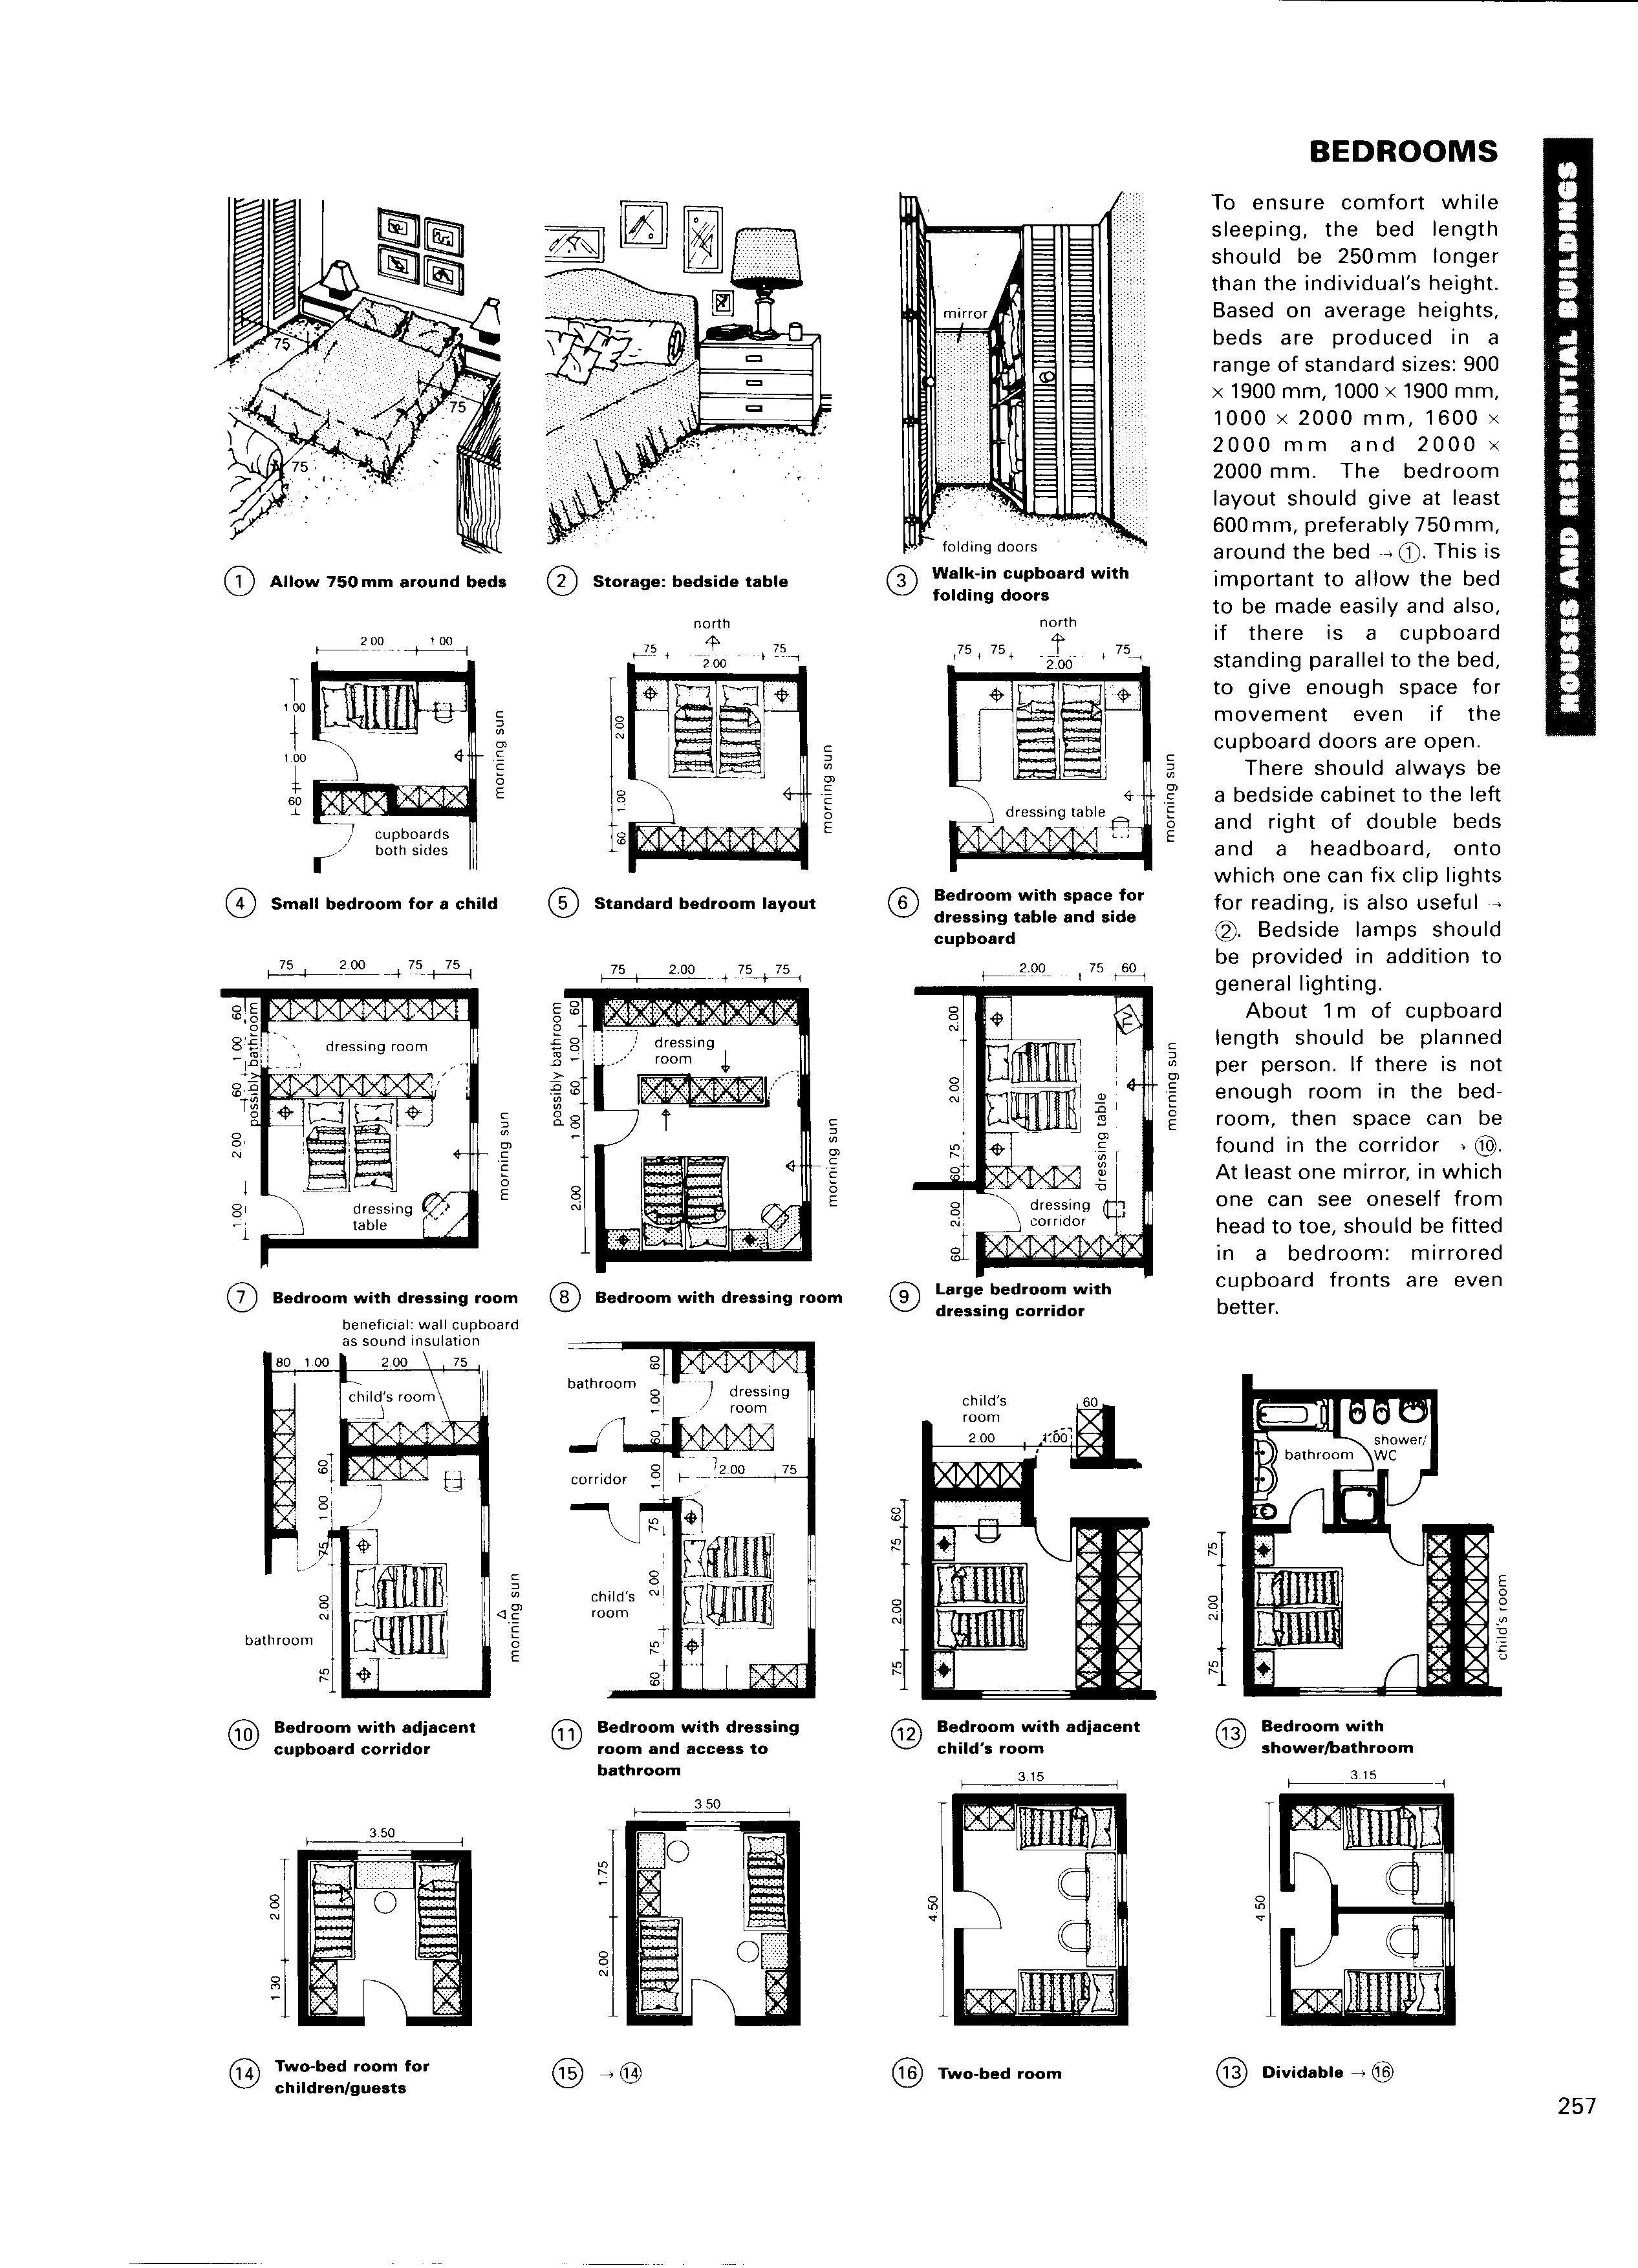 Architectural Standard Ernst Peter Neufert Ergonomia